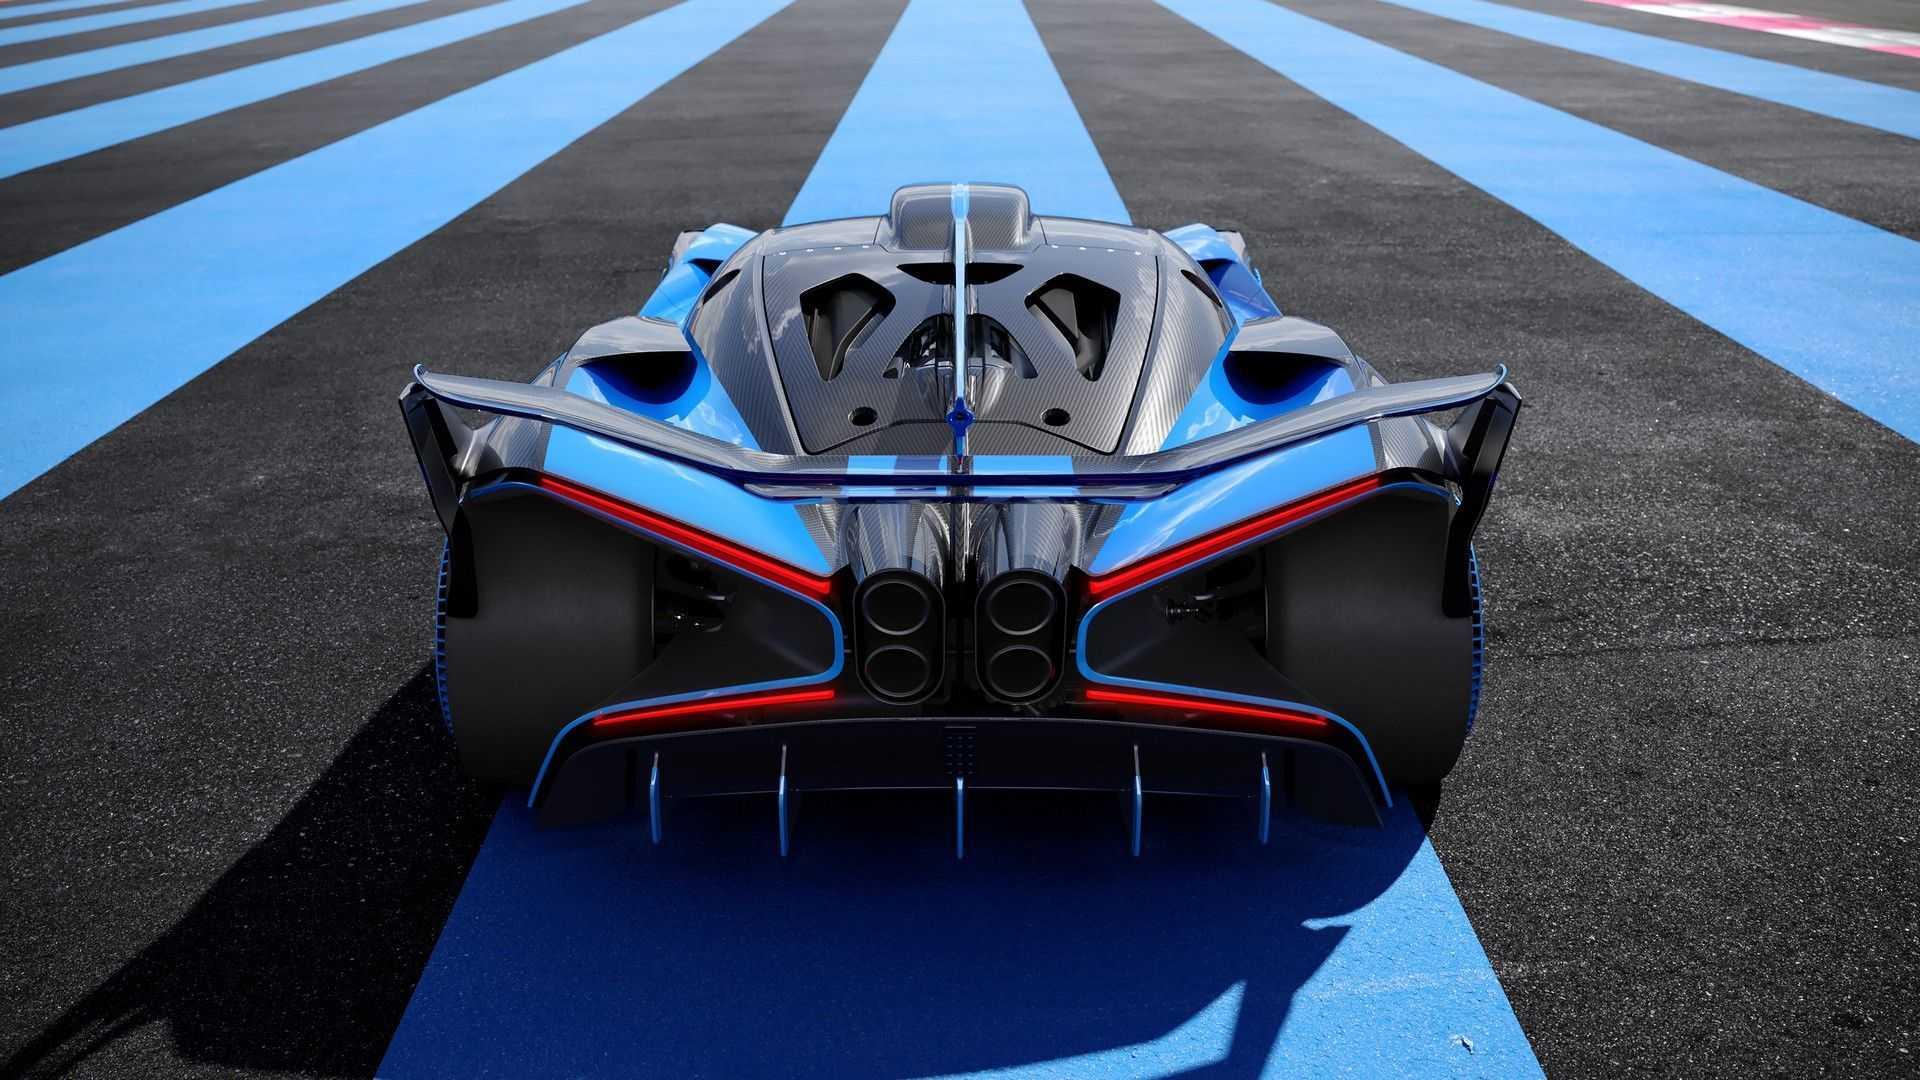 Bugatti Bolide rear end